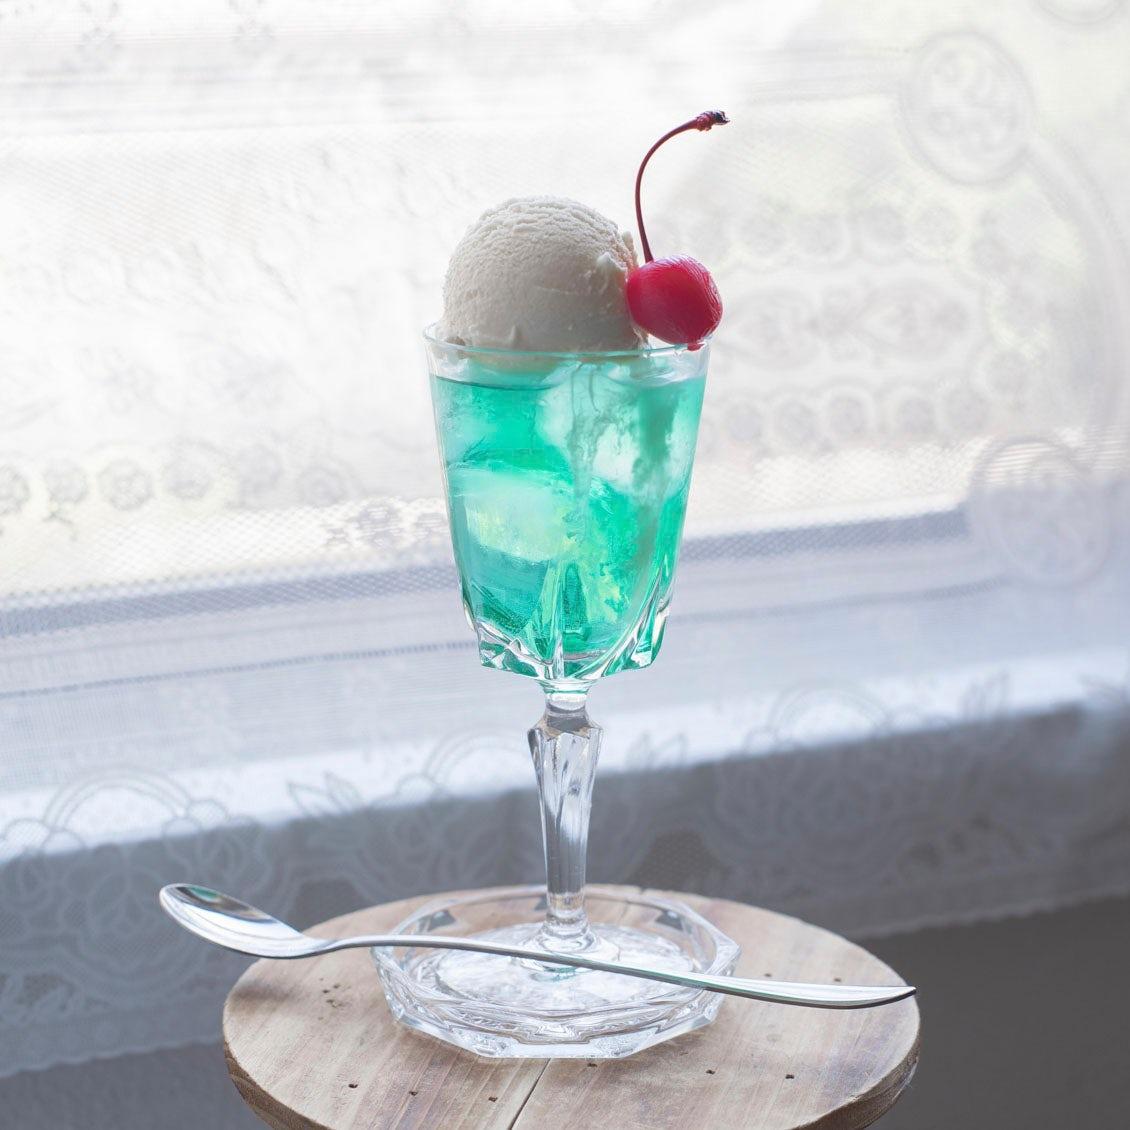 【クリームソーダのある1日】第2話:まるで純喫茶の1杯。エメラルドグリーンのクリームソーダ